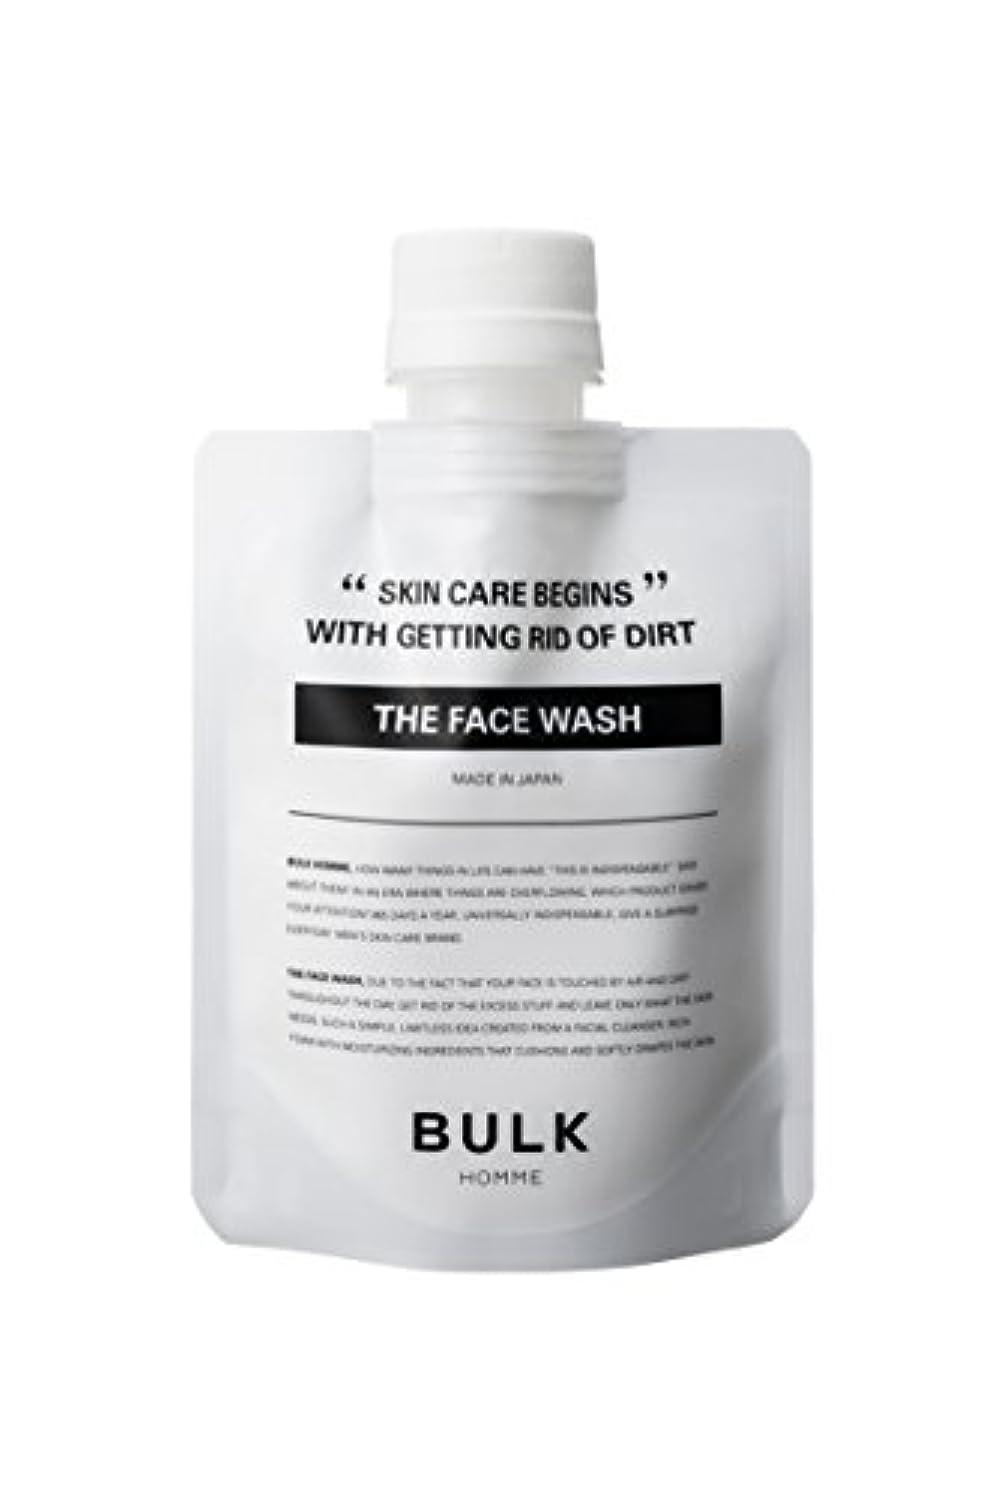 膨らみドライバ出発するバルクオム (BULK HOMME) BULK HOMME THE FACE WASH 洗顔料 単品 100g